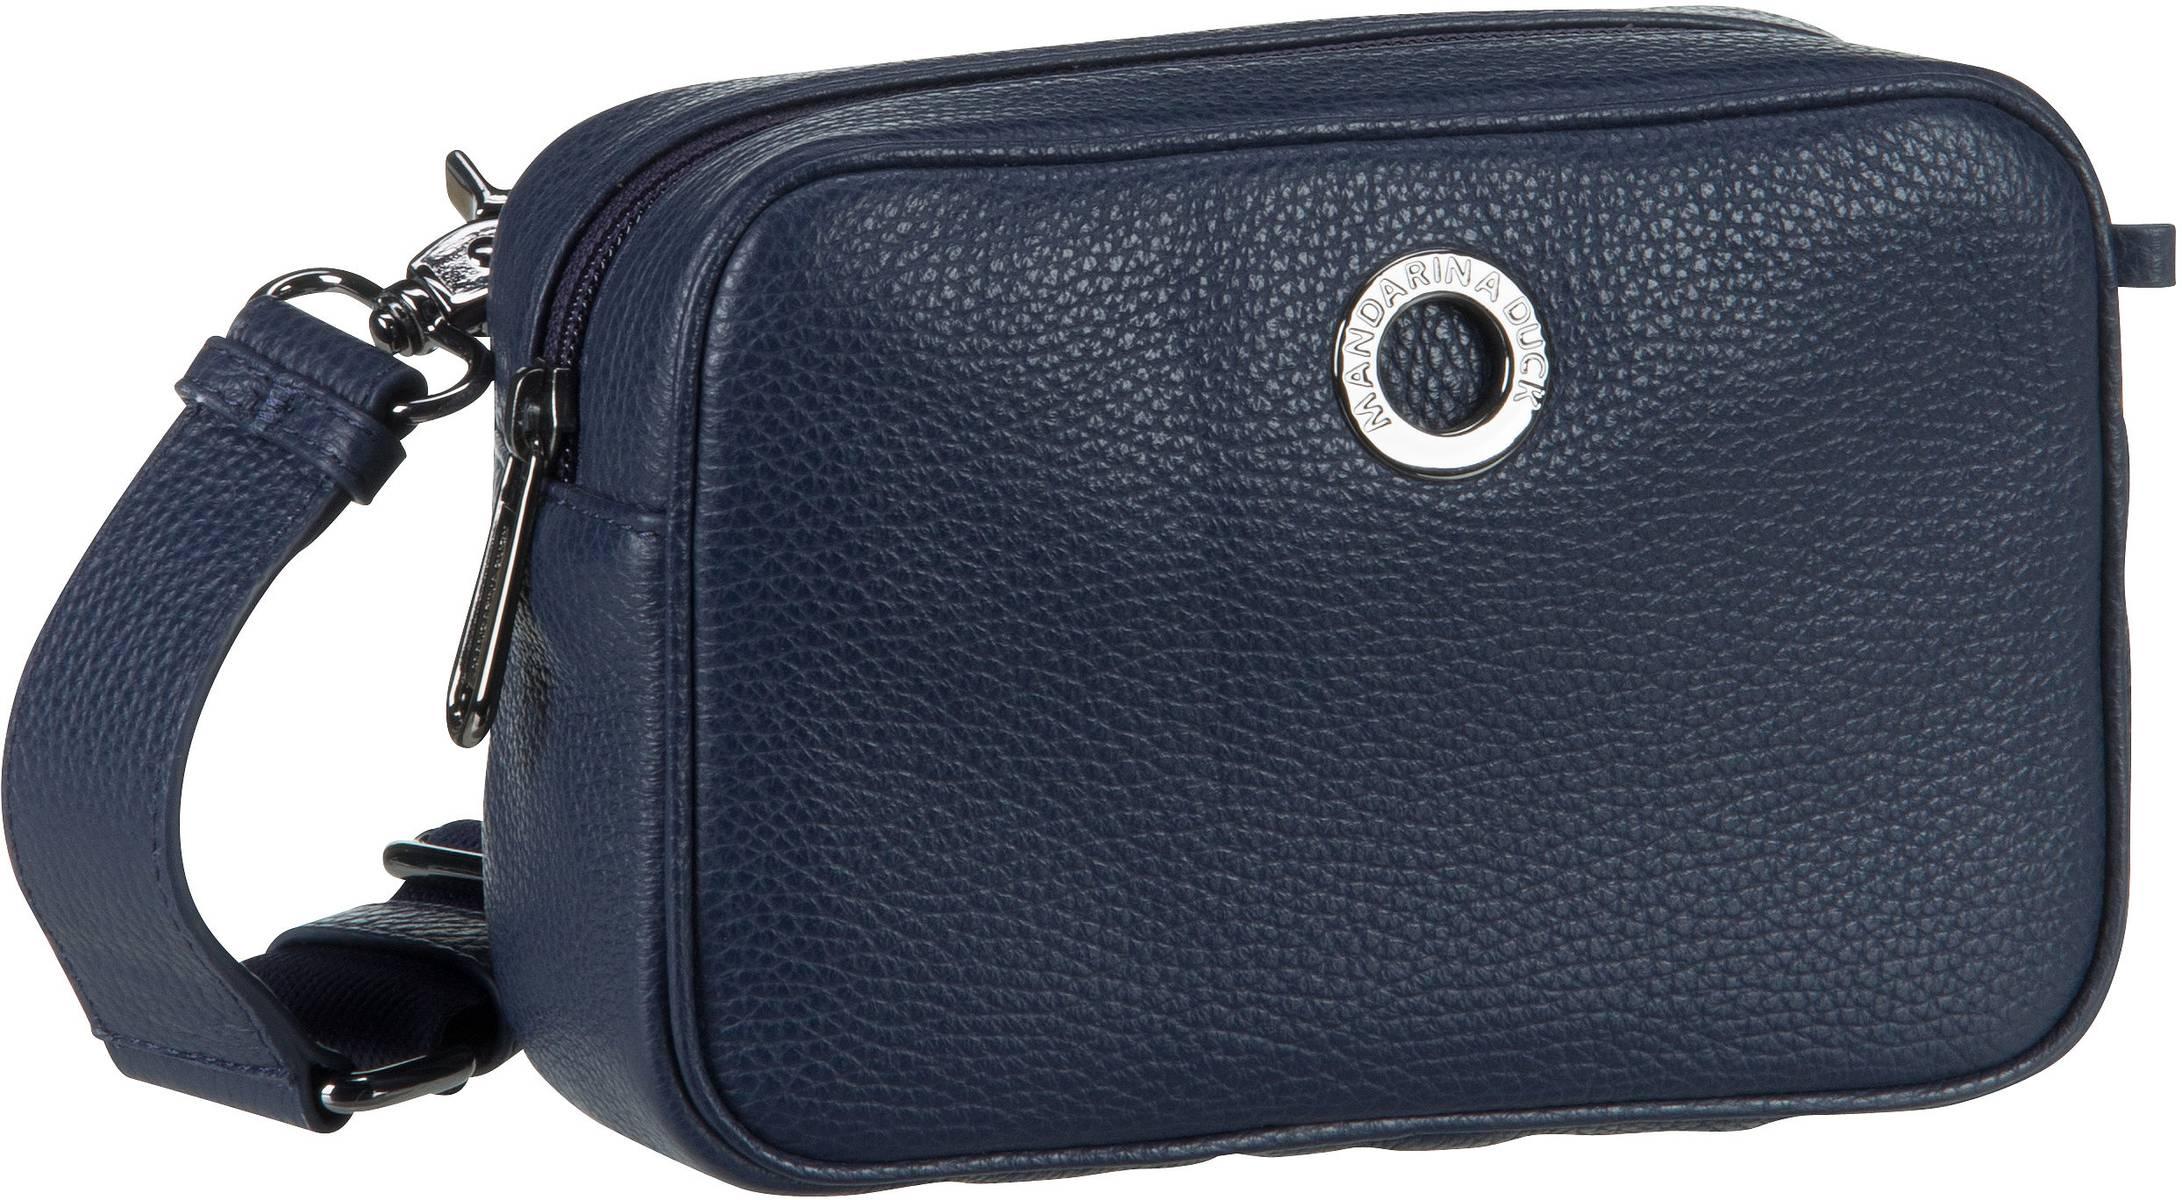 Umhängetasche Mellow Leather Camera Bag FZT22 Dress Blue